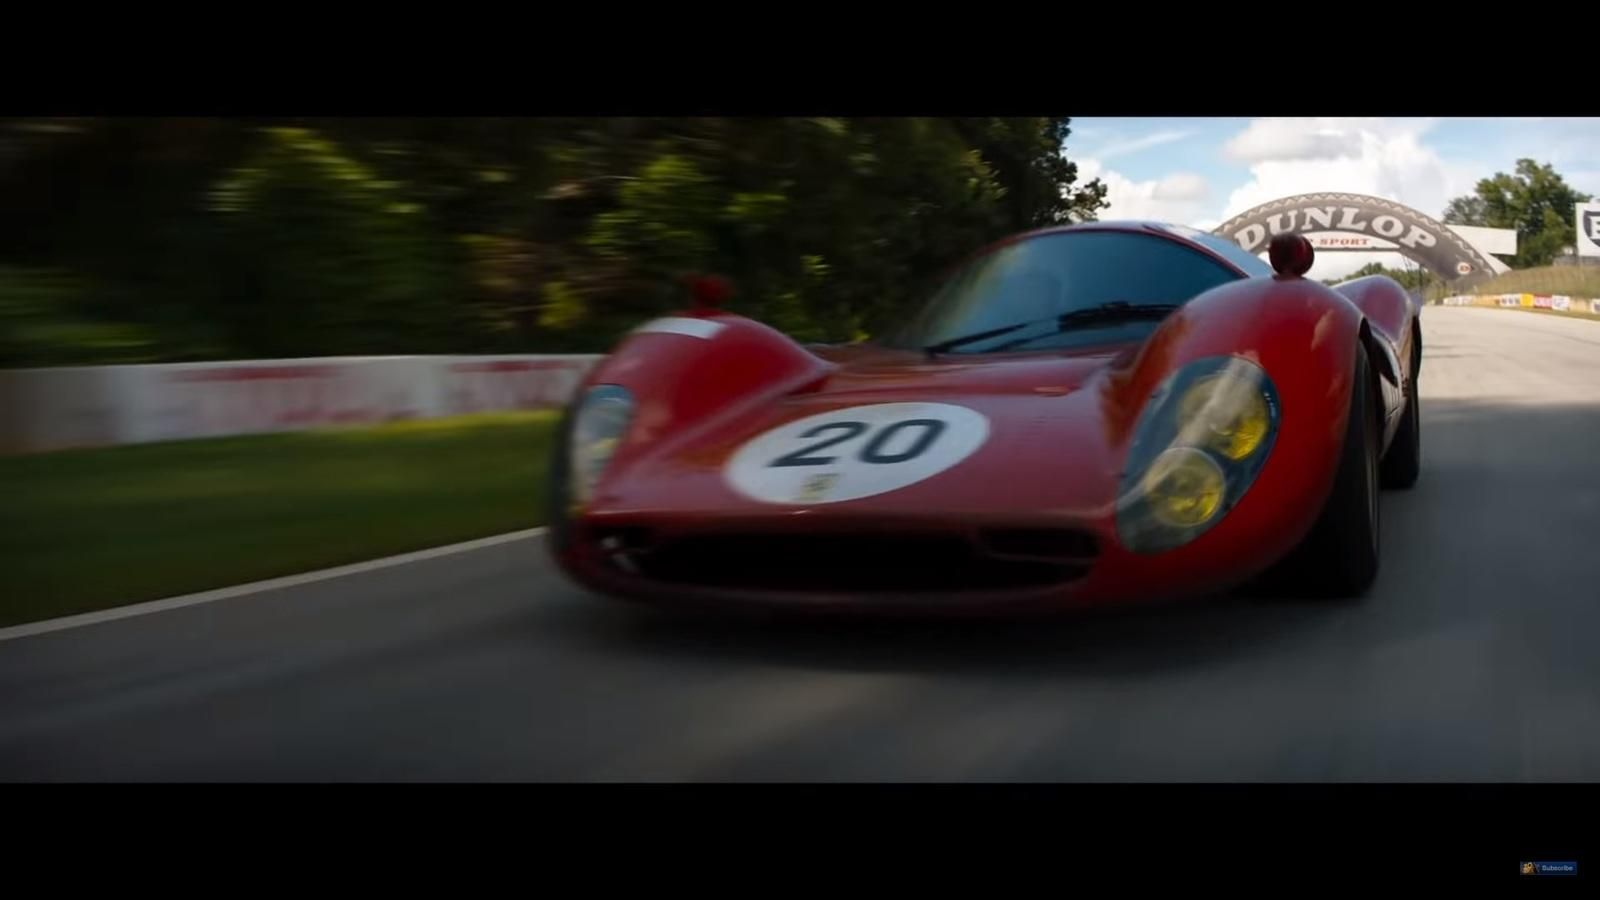 Ford Vs Ferrari Trailer 2 Lots Of Racing Drama Racing Ferrari Ford